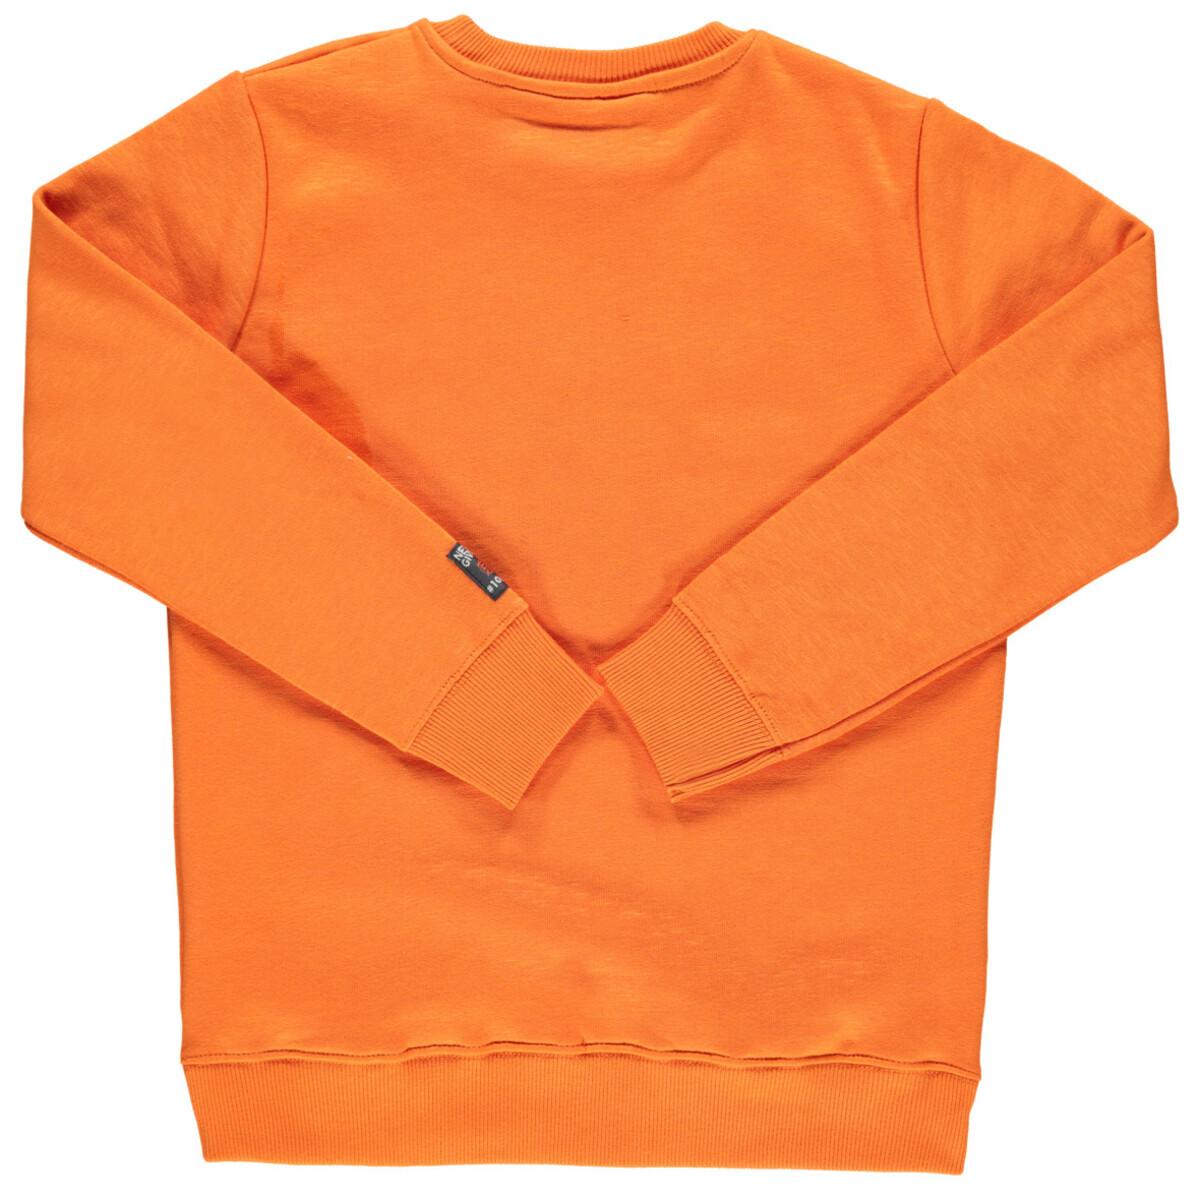 Bild 2 von Jungen Sweatshirt mit Frontprint